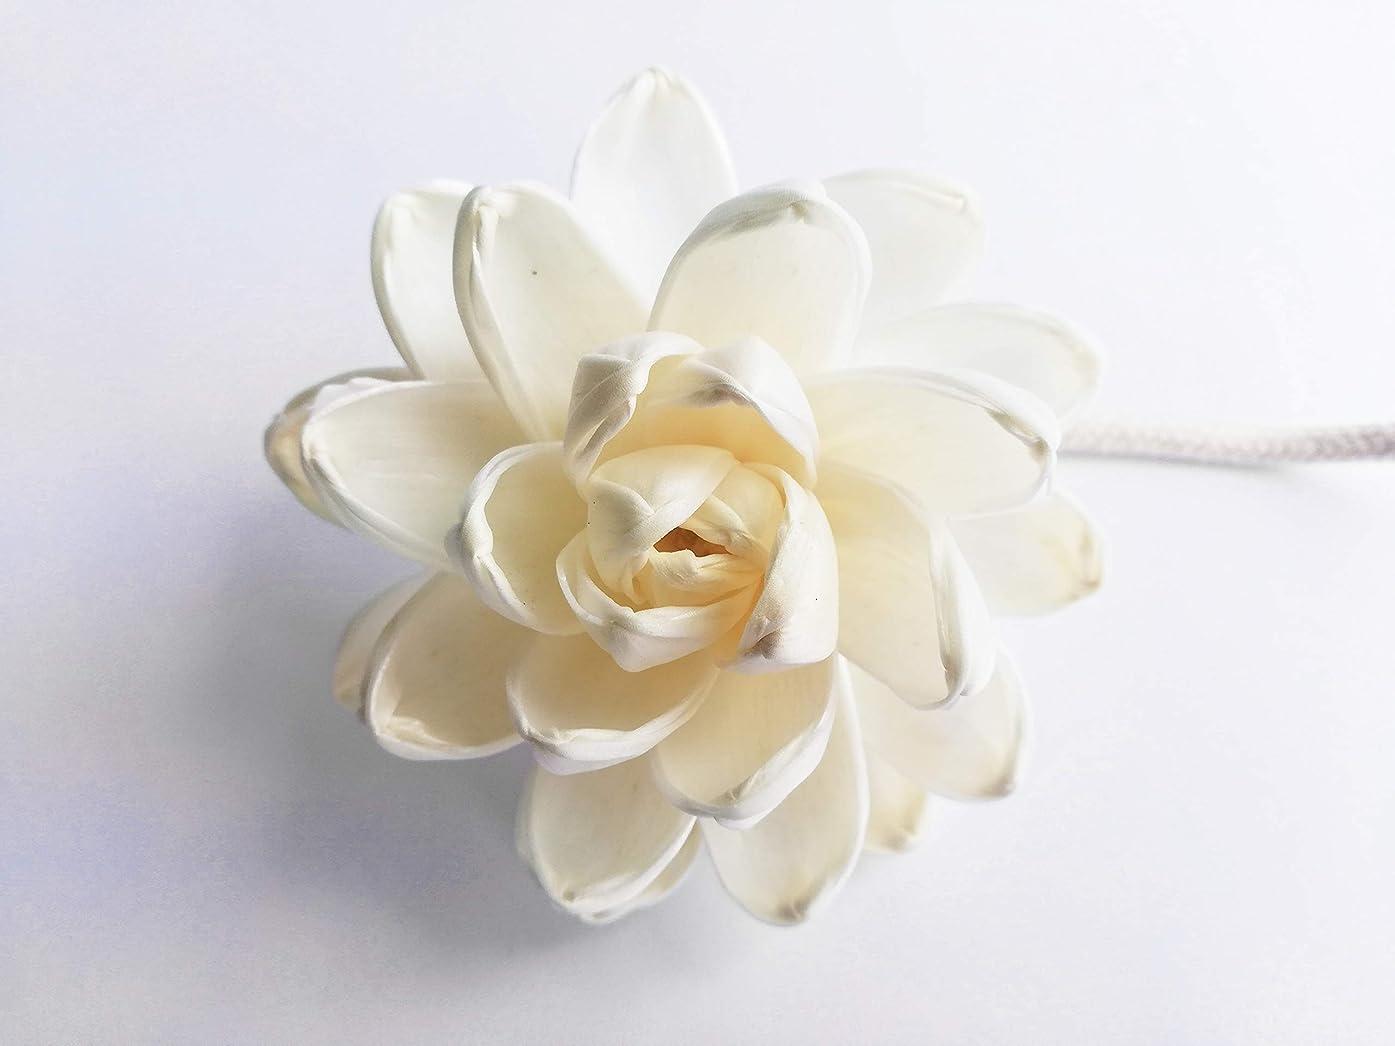 チロ純粋に司教MAYA フラワーディフューザー ソラフラワー ロータス (8cm) [並行輸入品] | Aroma Flower Diffuser Sola Flower - Lotus